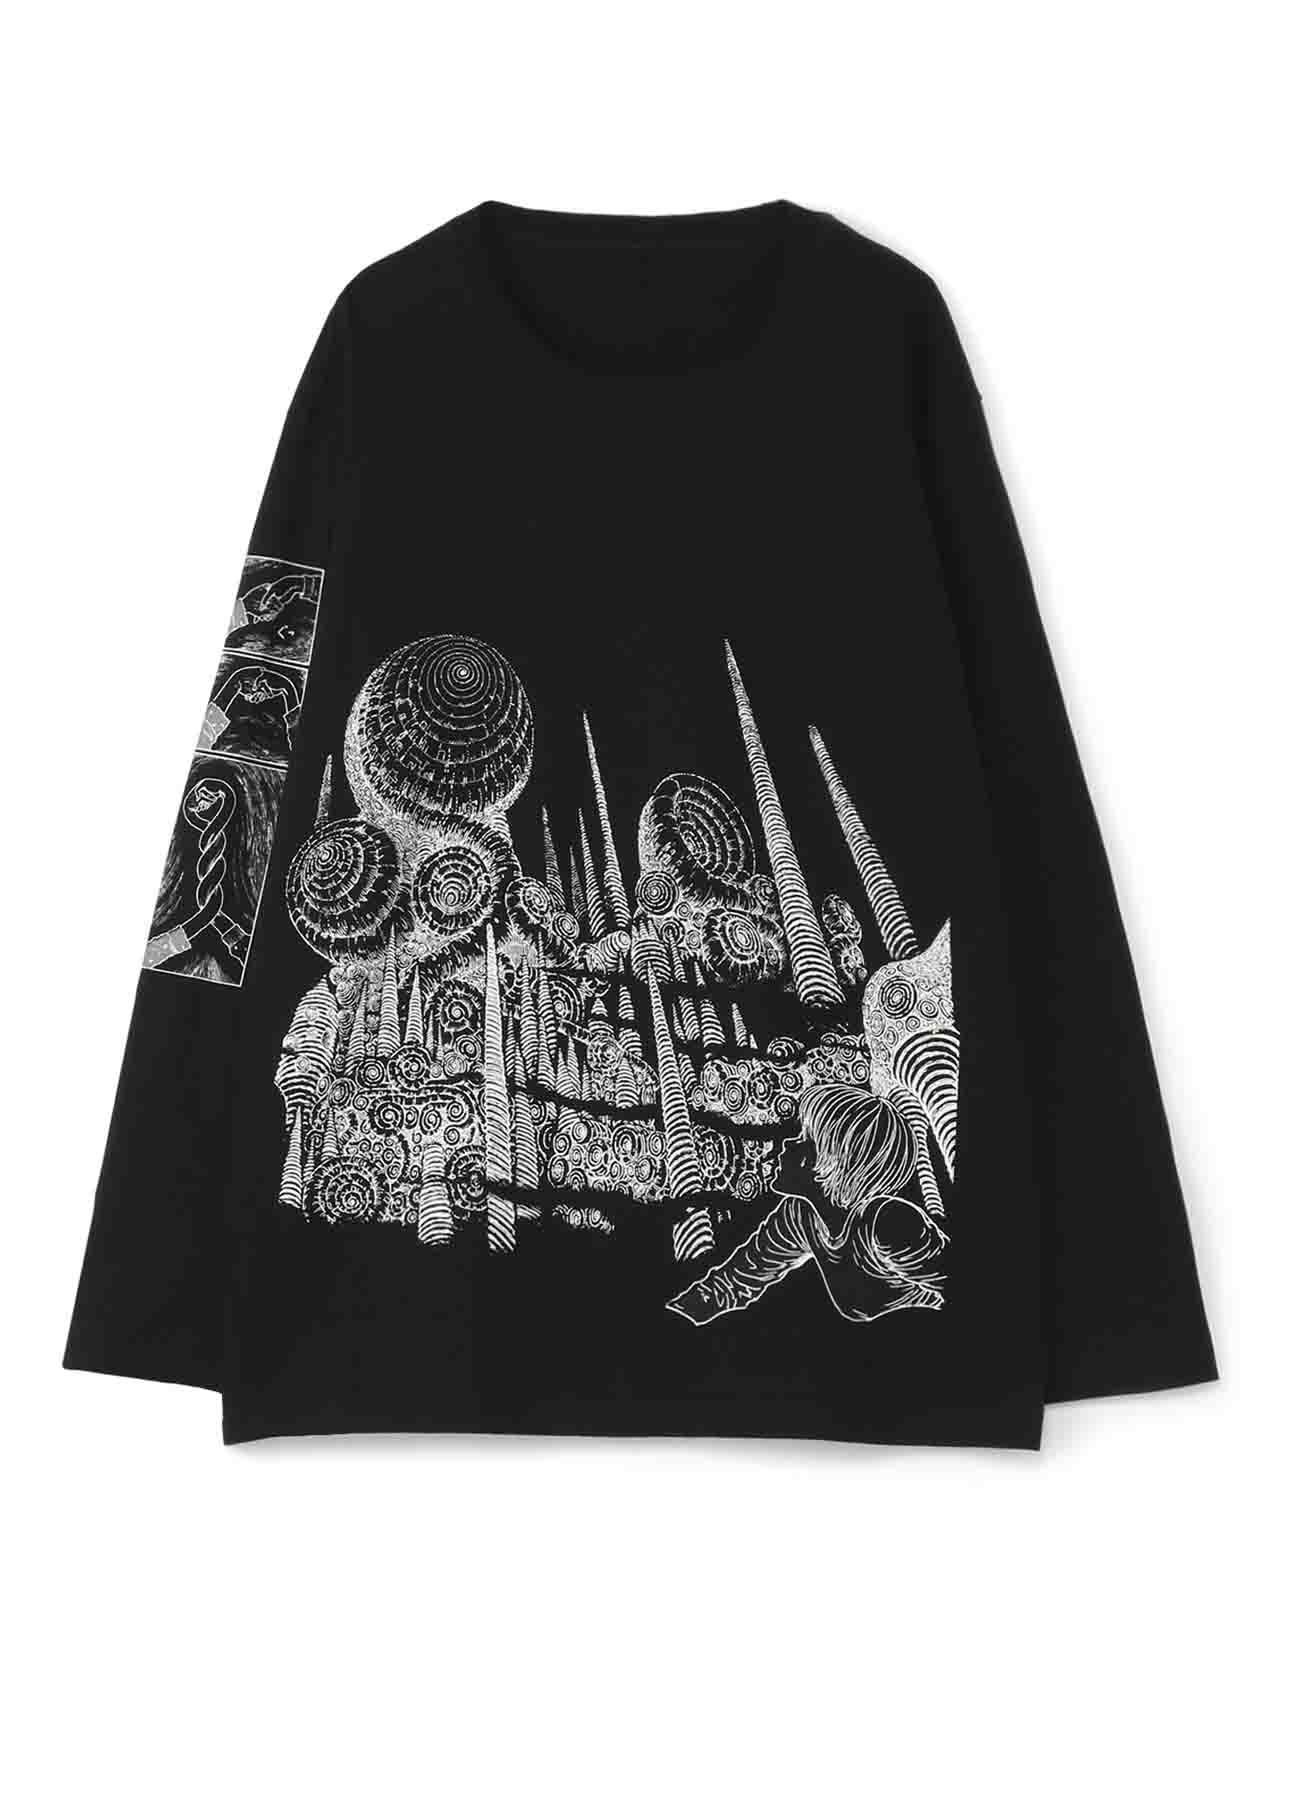 20/Cotton Jersey Finally Uzumaki Long Sleeve T-shirt